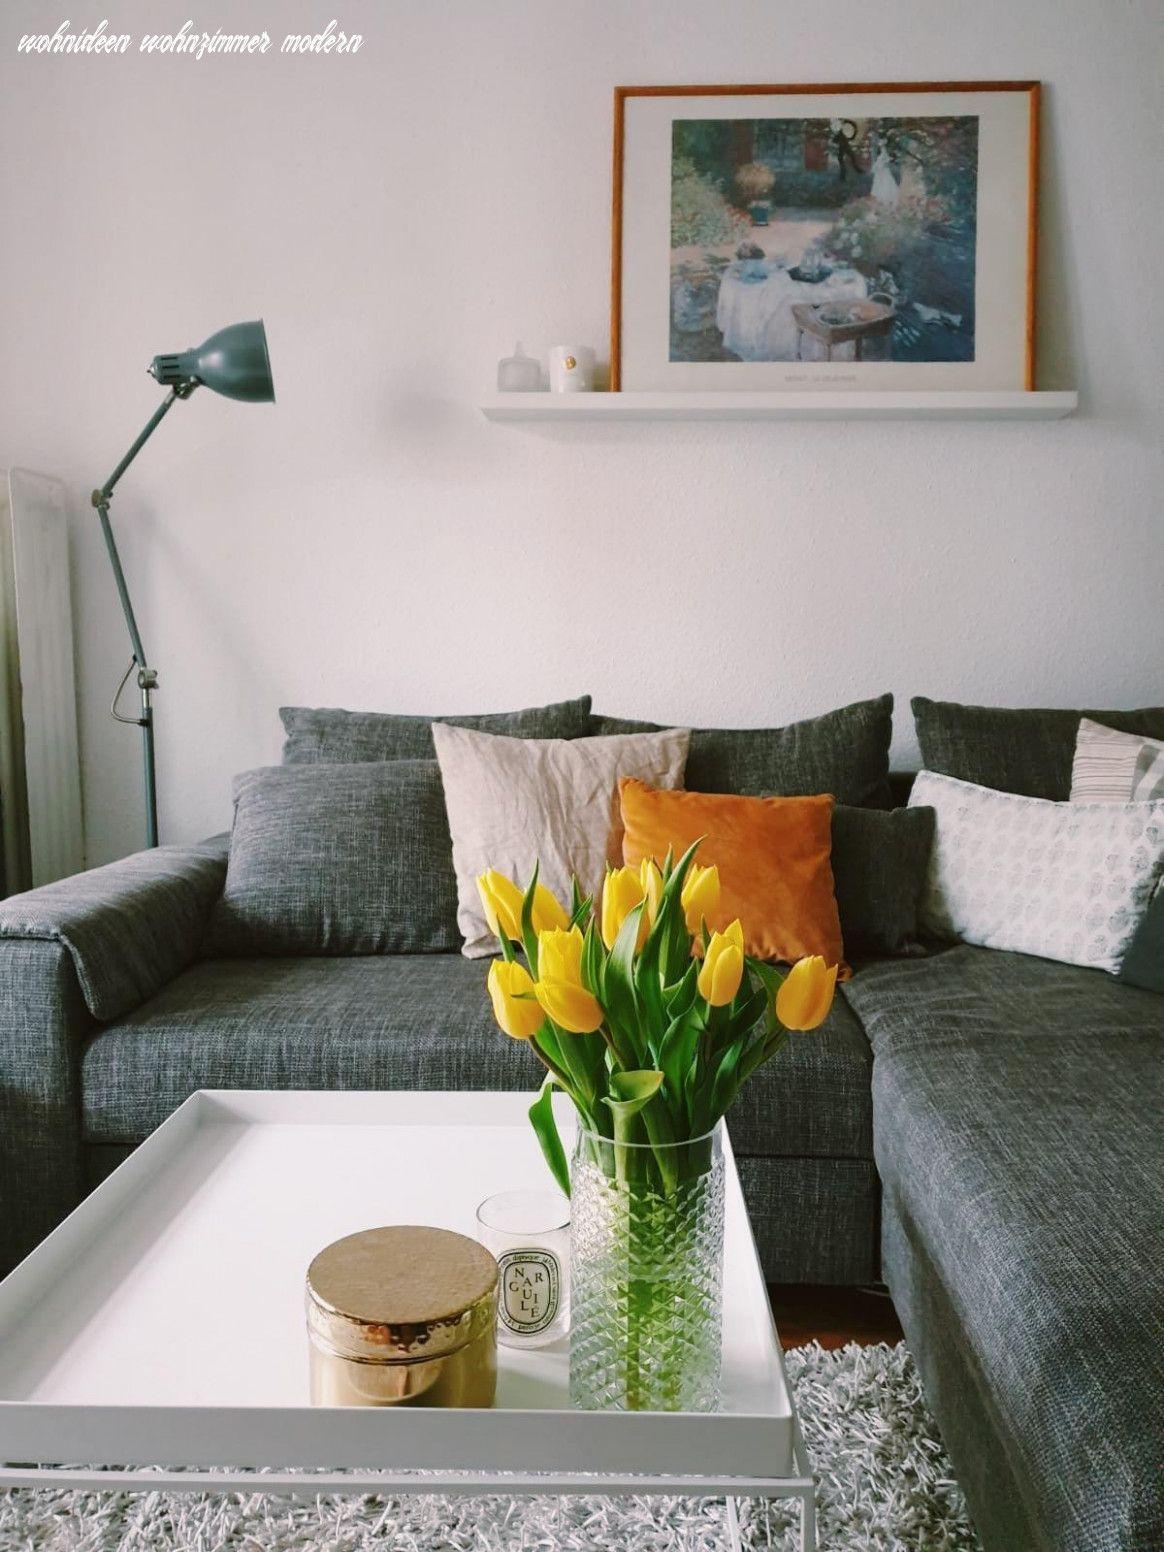 7 Großartige Lektionen Die Sie Von Wohnideen Wohnzimmer Modern Lernen Können Wohnzimmer Modern Wohnideen Wohnzimmer Wandgestaltung Wohnzimmer Grau